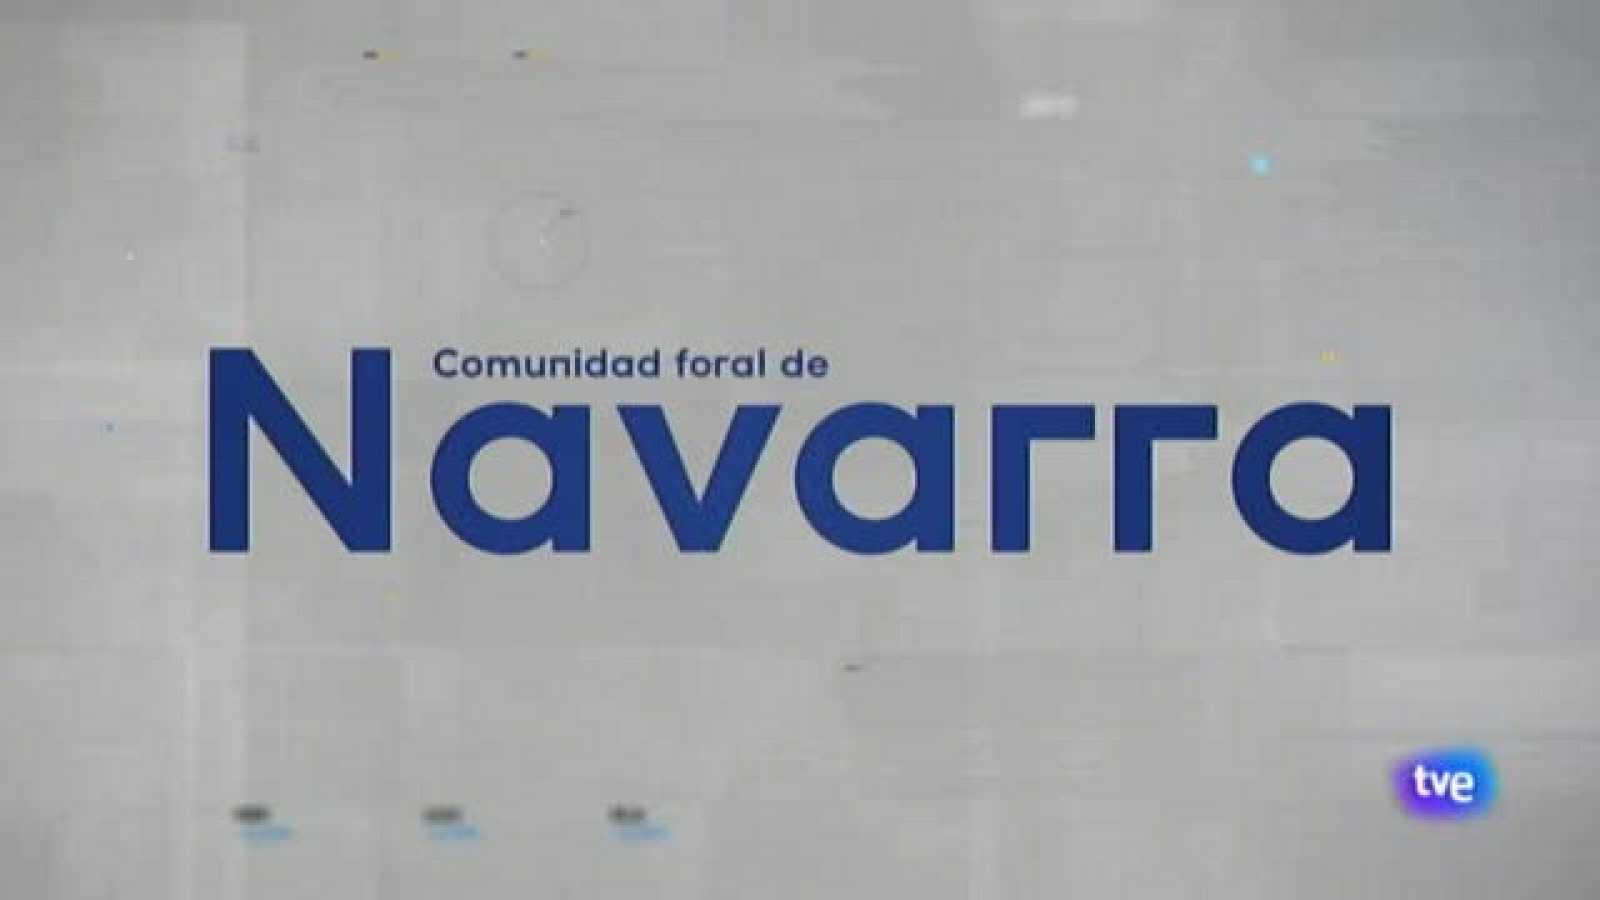 Telenavarra -  26/2/2021